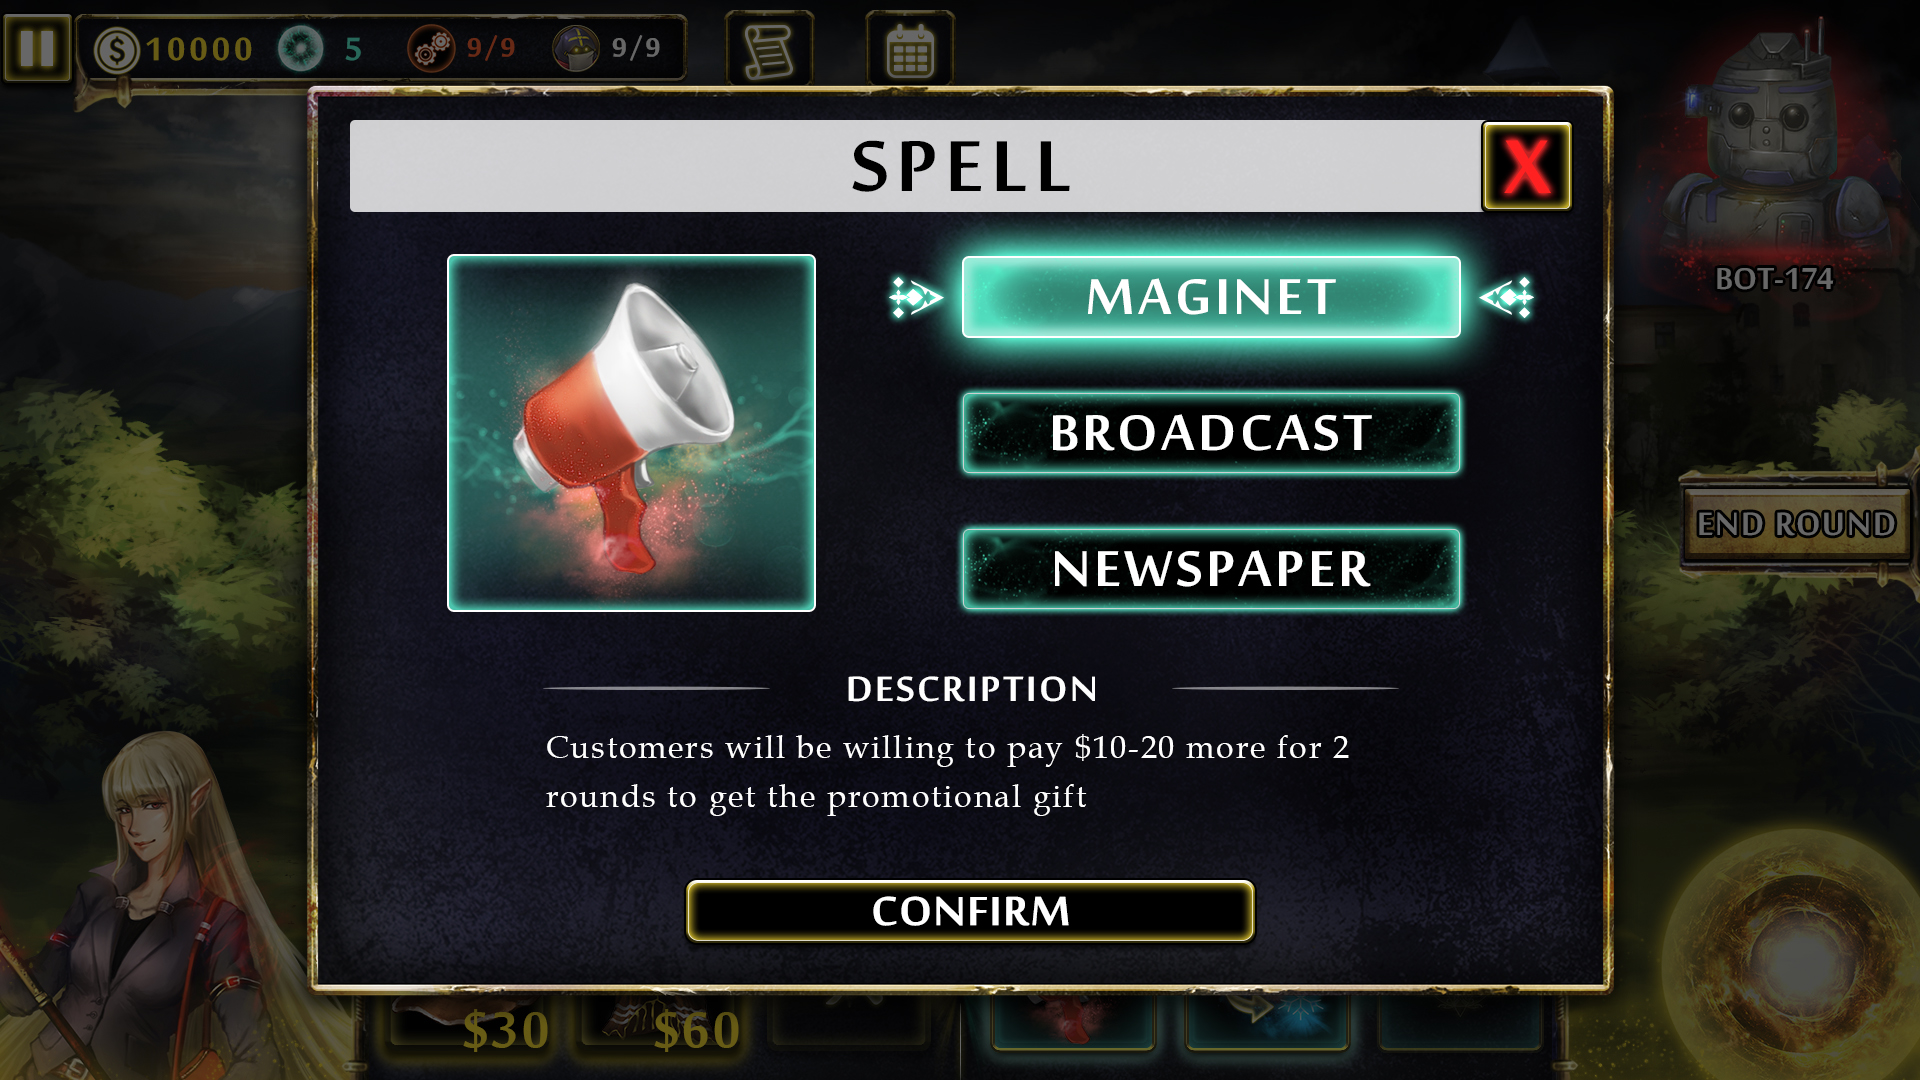 Magitech Spell